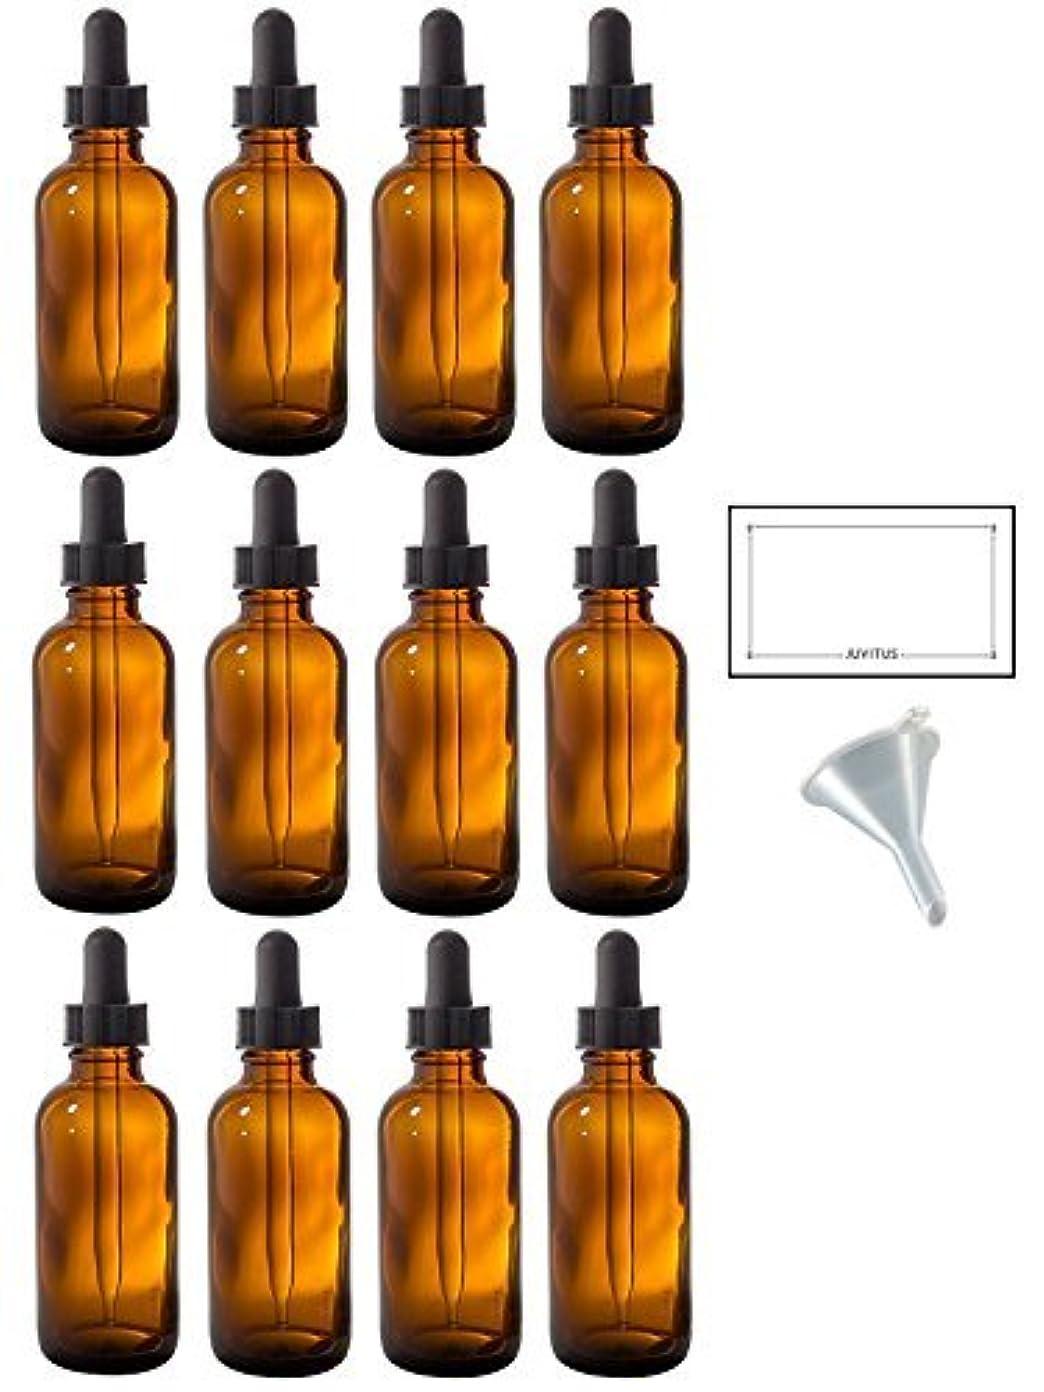 科学的威する見えない2 oz Amber Glass Boston Round Dropper Bottle (12 pack) + Funnel and Labels for essential oils, aromatherapy, e-liquid...